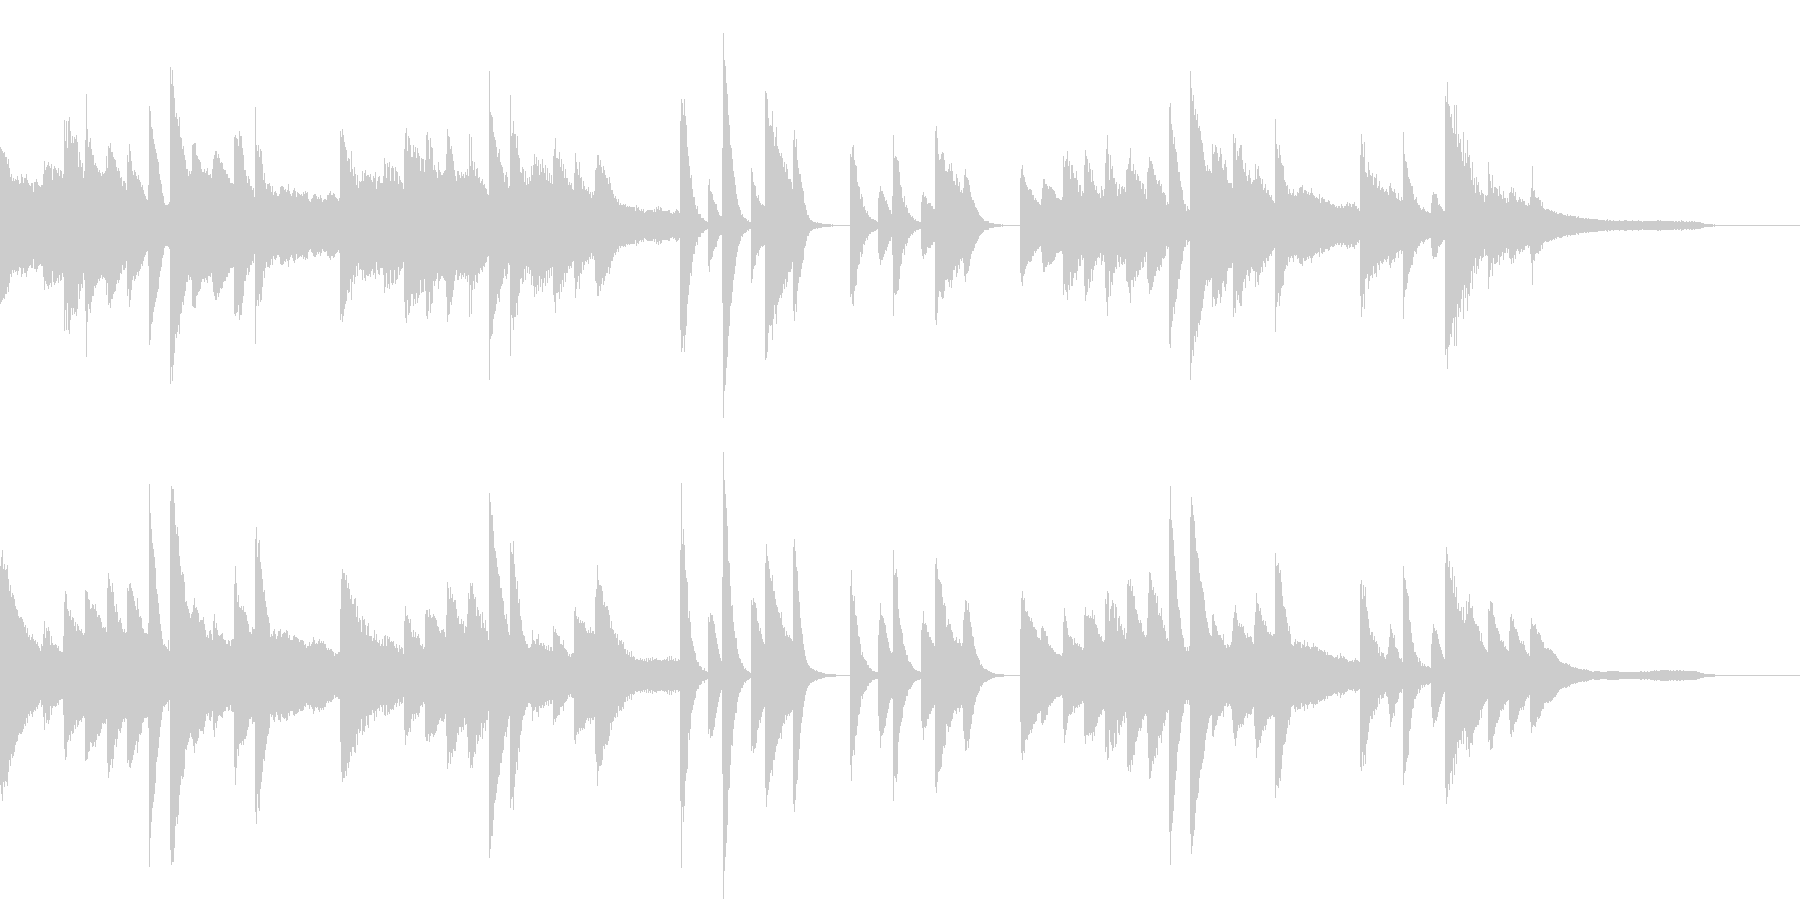 2種類のリズムを使った夏のピアノジングルの未再生の波形